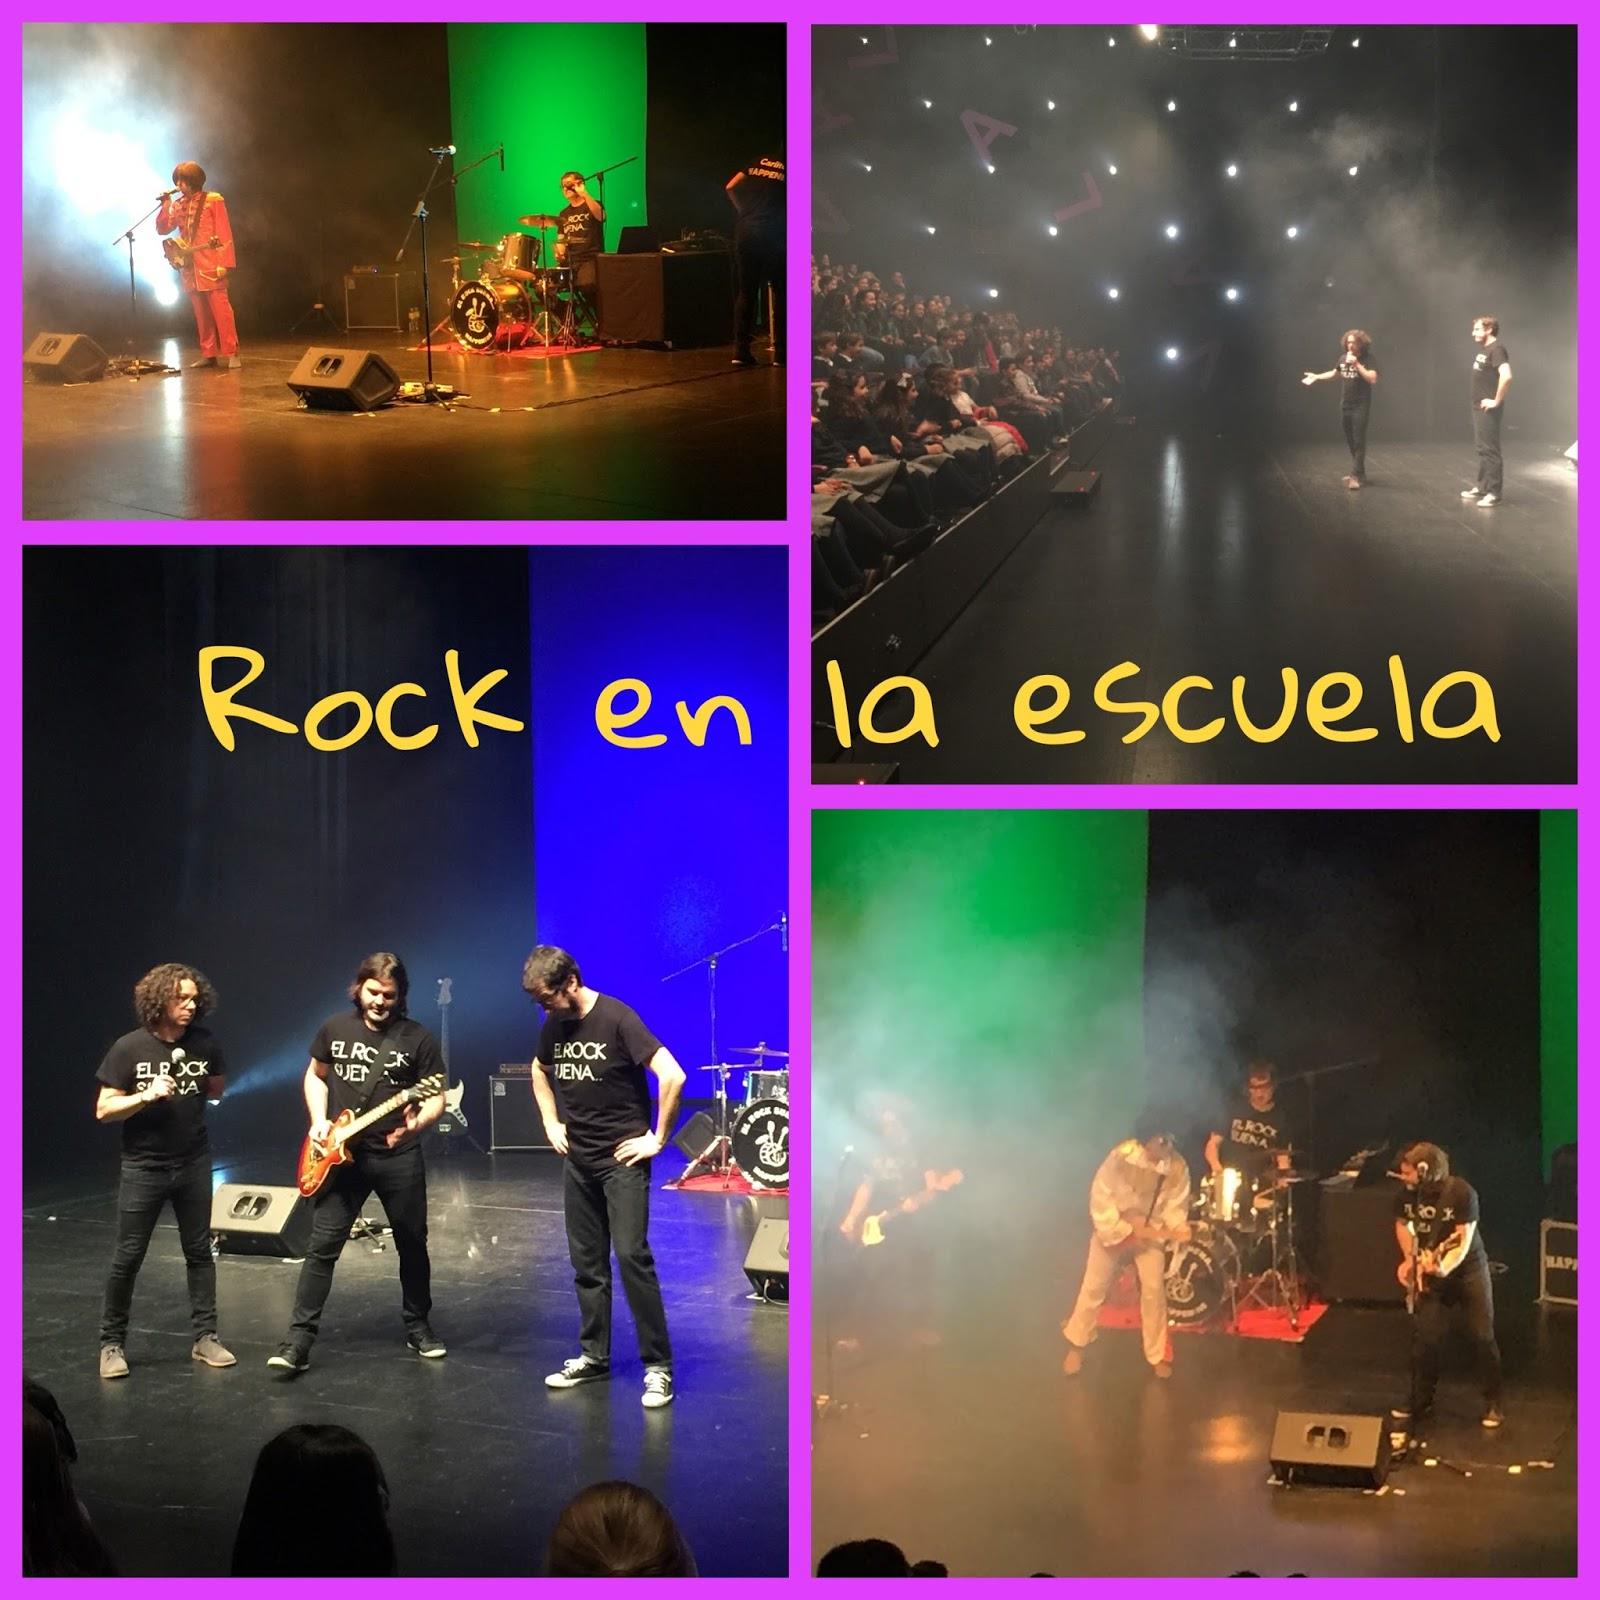 Agustinas Valladolid - 2017 - Primaria 3 4 - Rock en la escuela 1